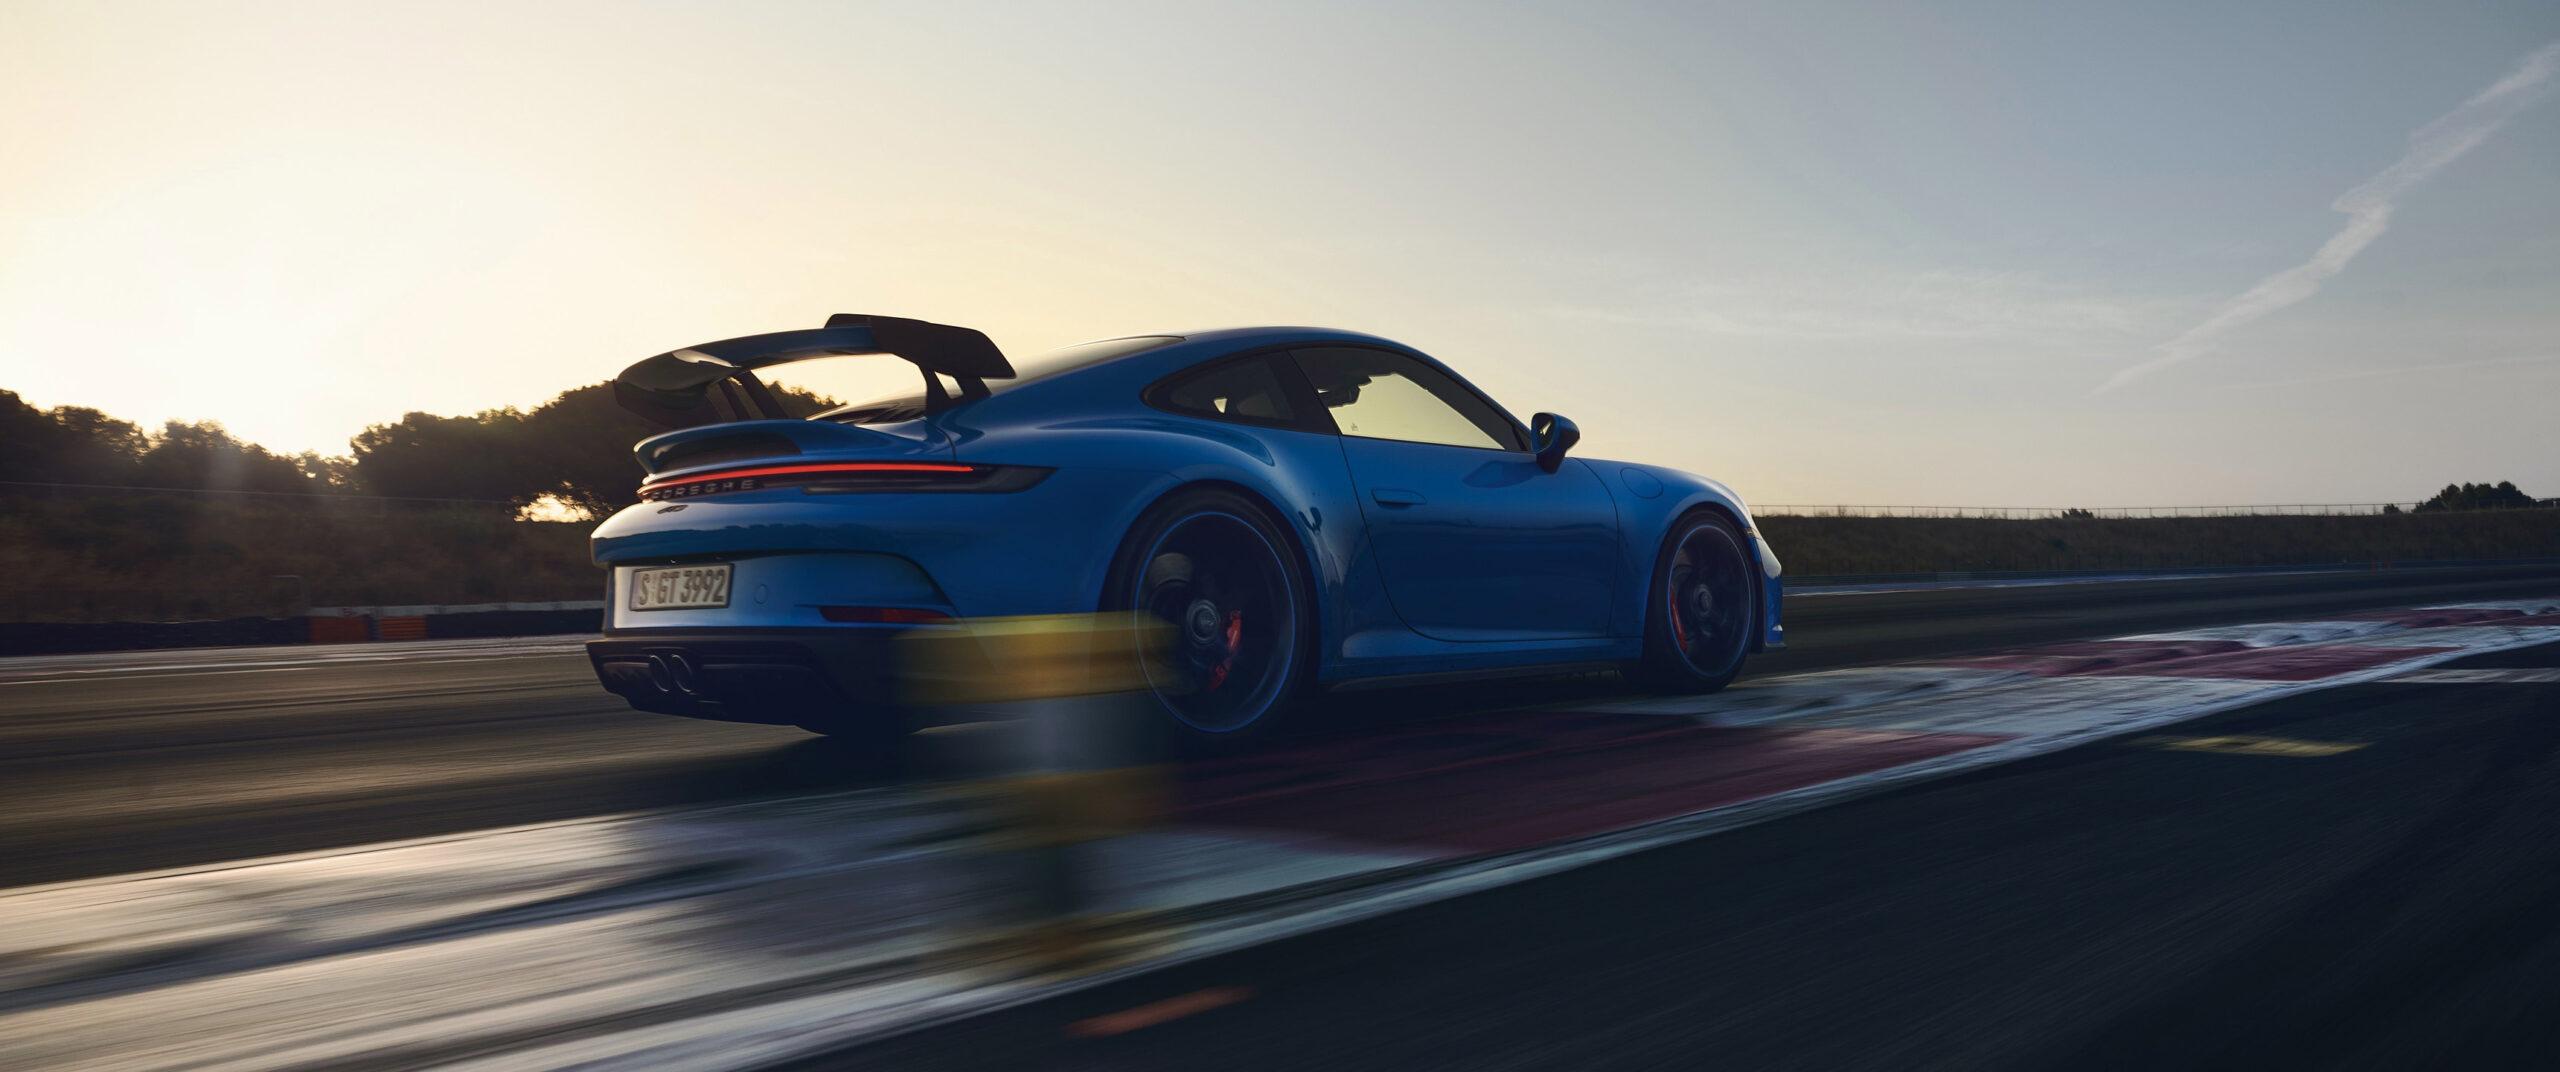 2022 Porsche 911 GT3 Wallpapers SuperCarsnet 2560x1072